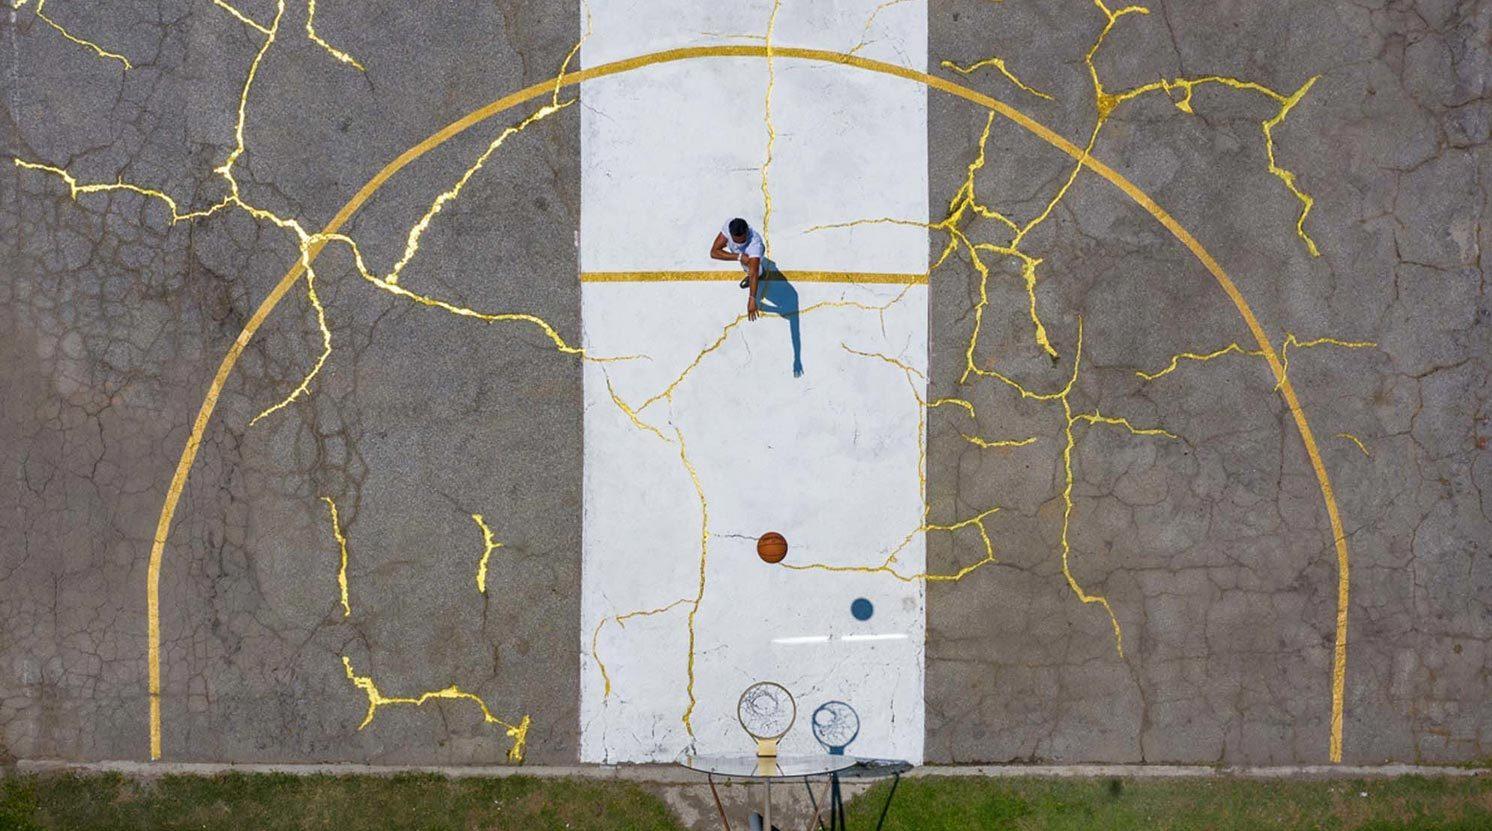 Sportives Kunstwerk von Victor Solomon